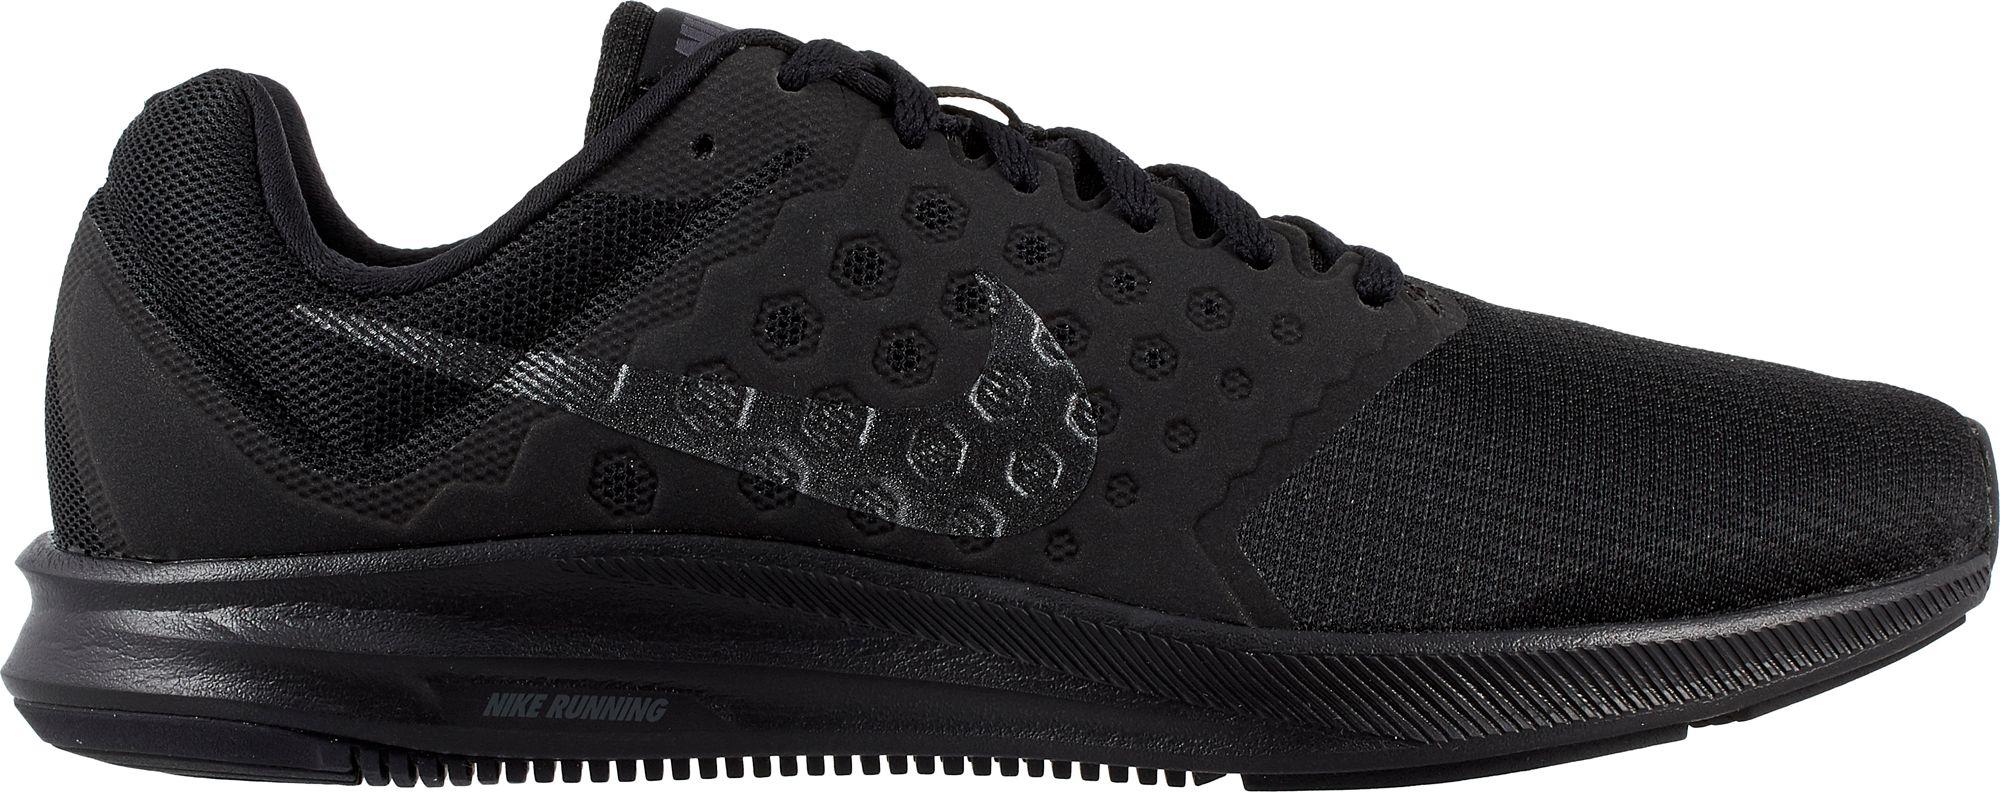 Nike Downshifter 7 Men s Running Shoes  44.99 - Slickdeals.net 014da5542b0b6